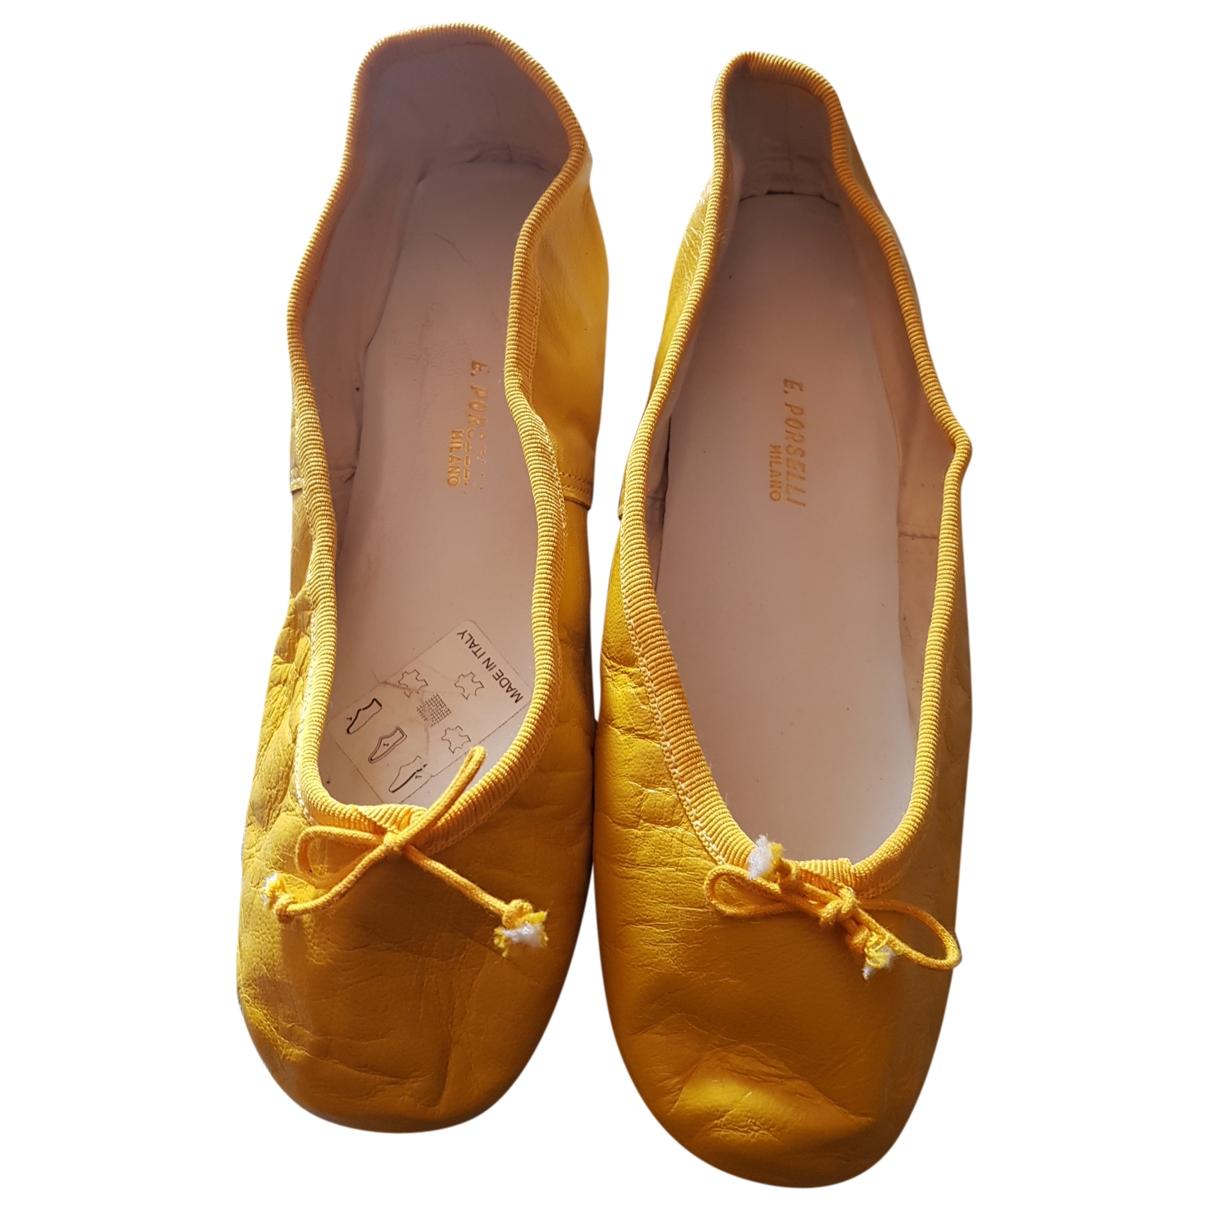 E Porselli - Ballerines   pour femme en cuir - jaune